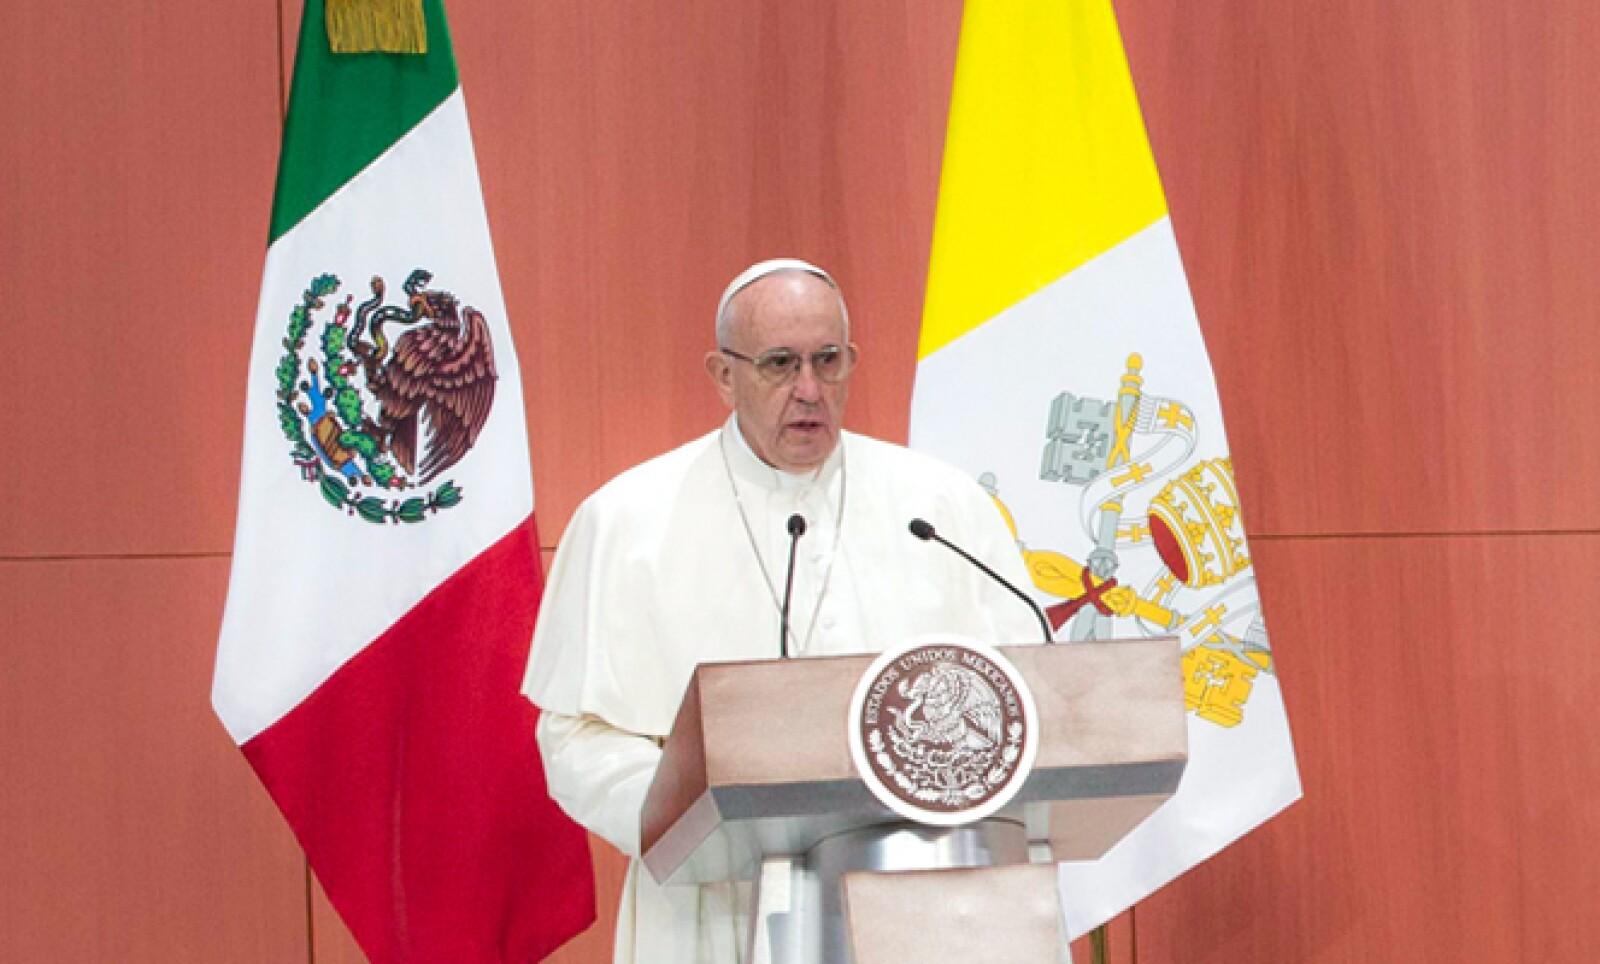 Francisco advirtió que el egoísmo sobrepuesto al bien común lleva a corrupción.